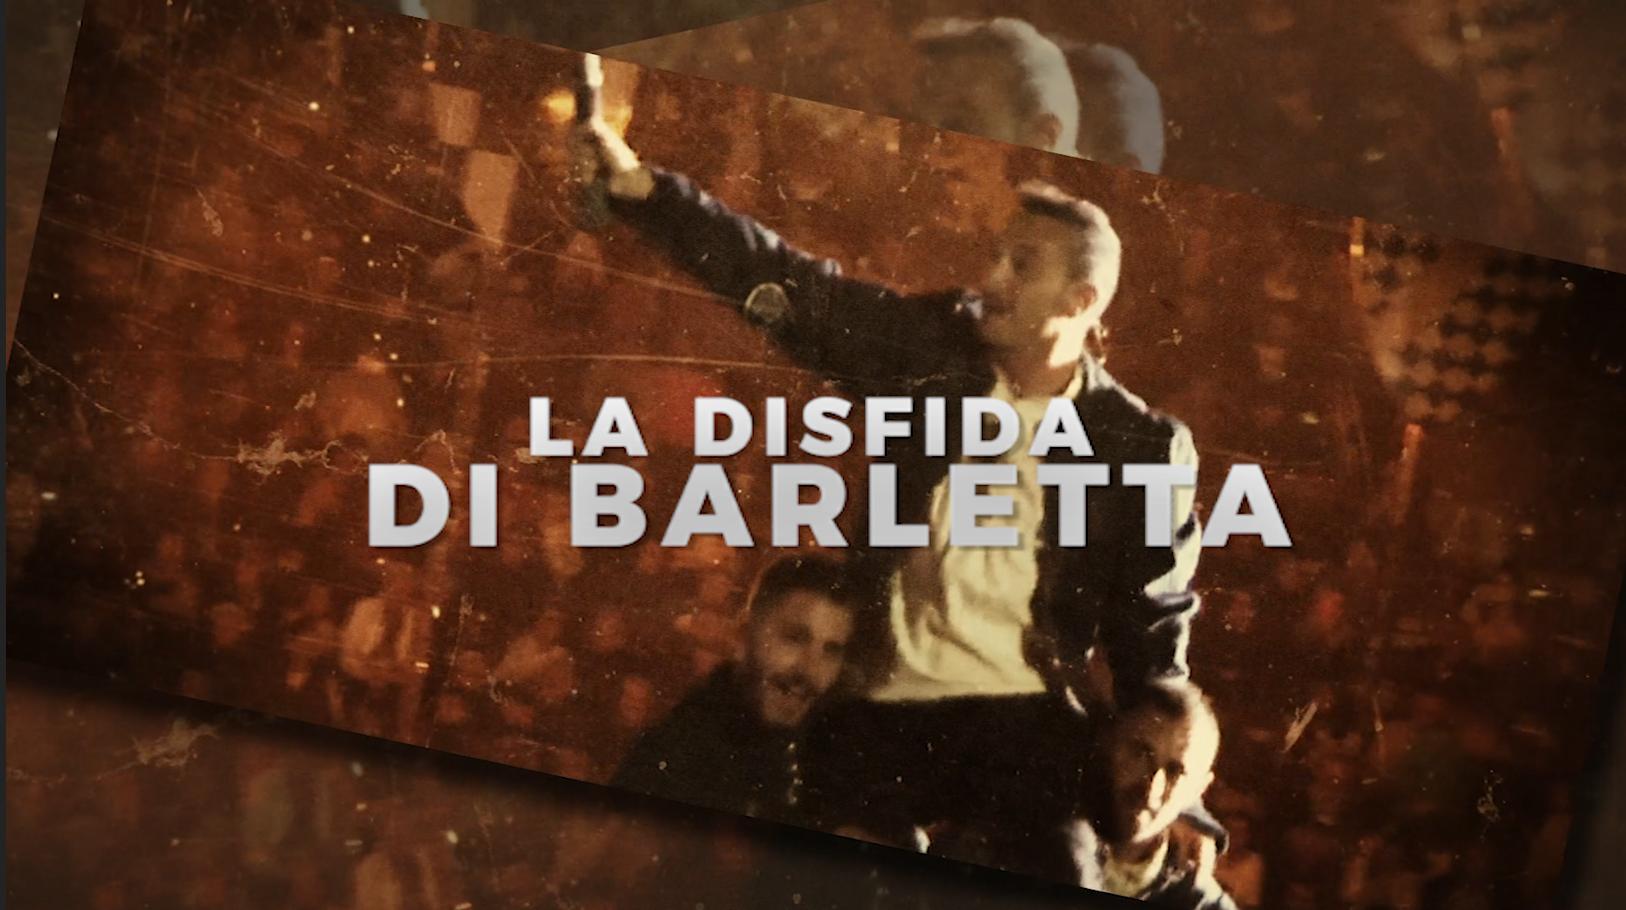 DISFIDA DI BARLETTA